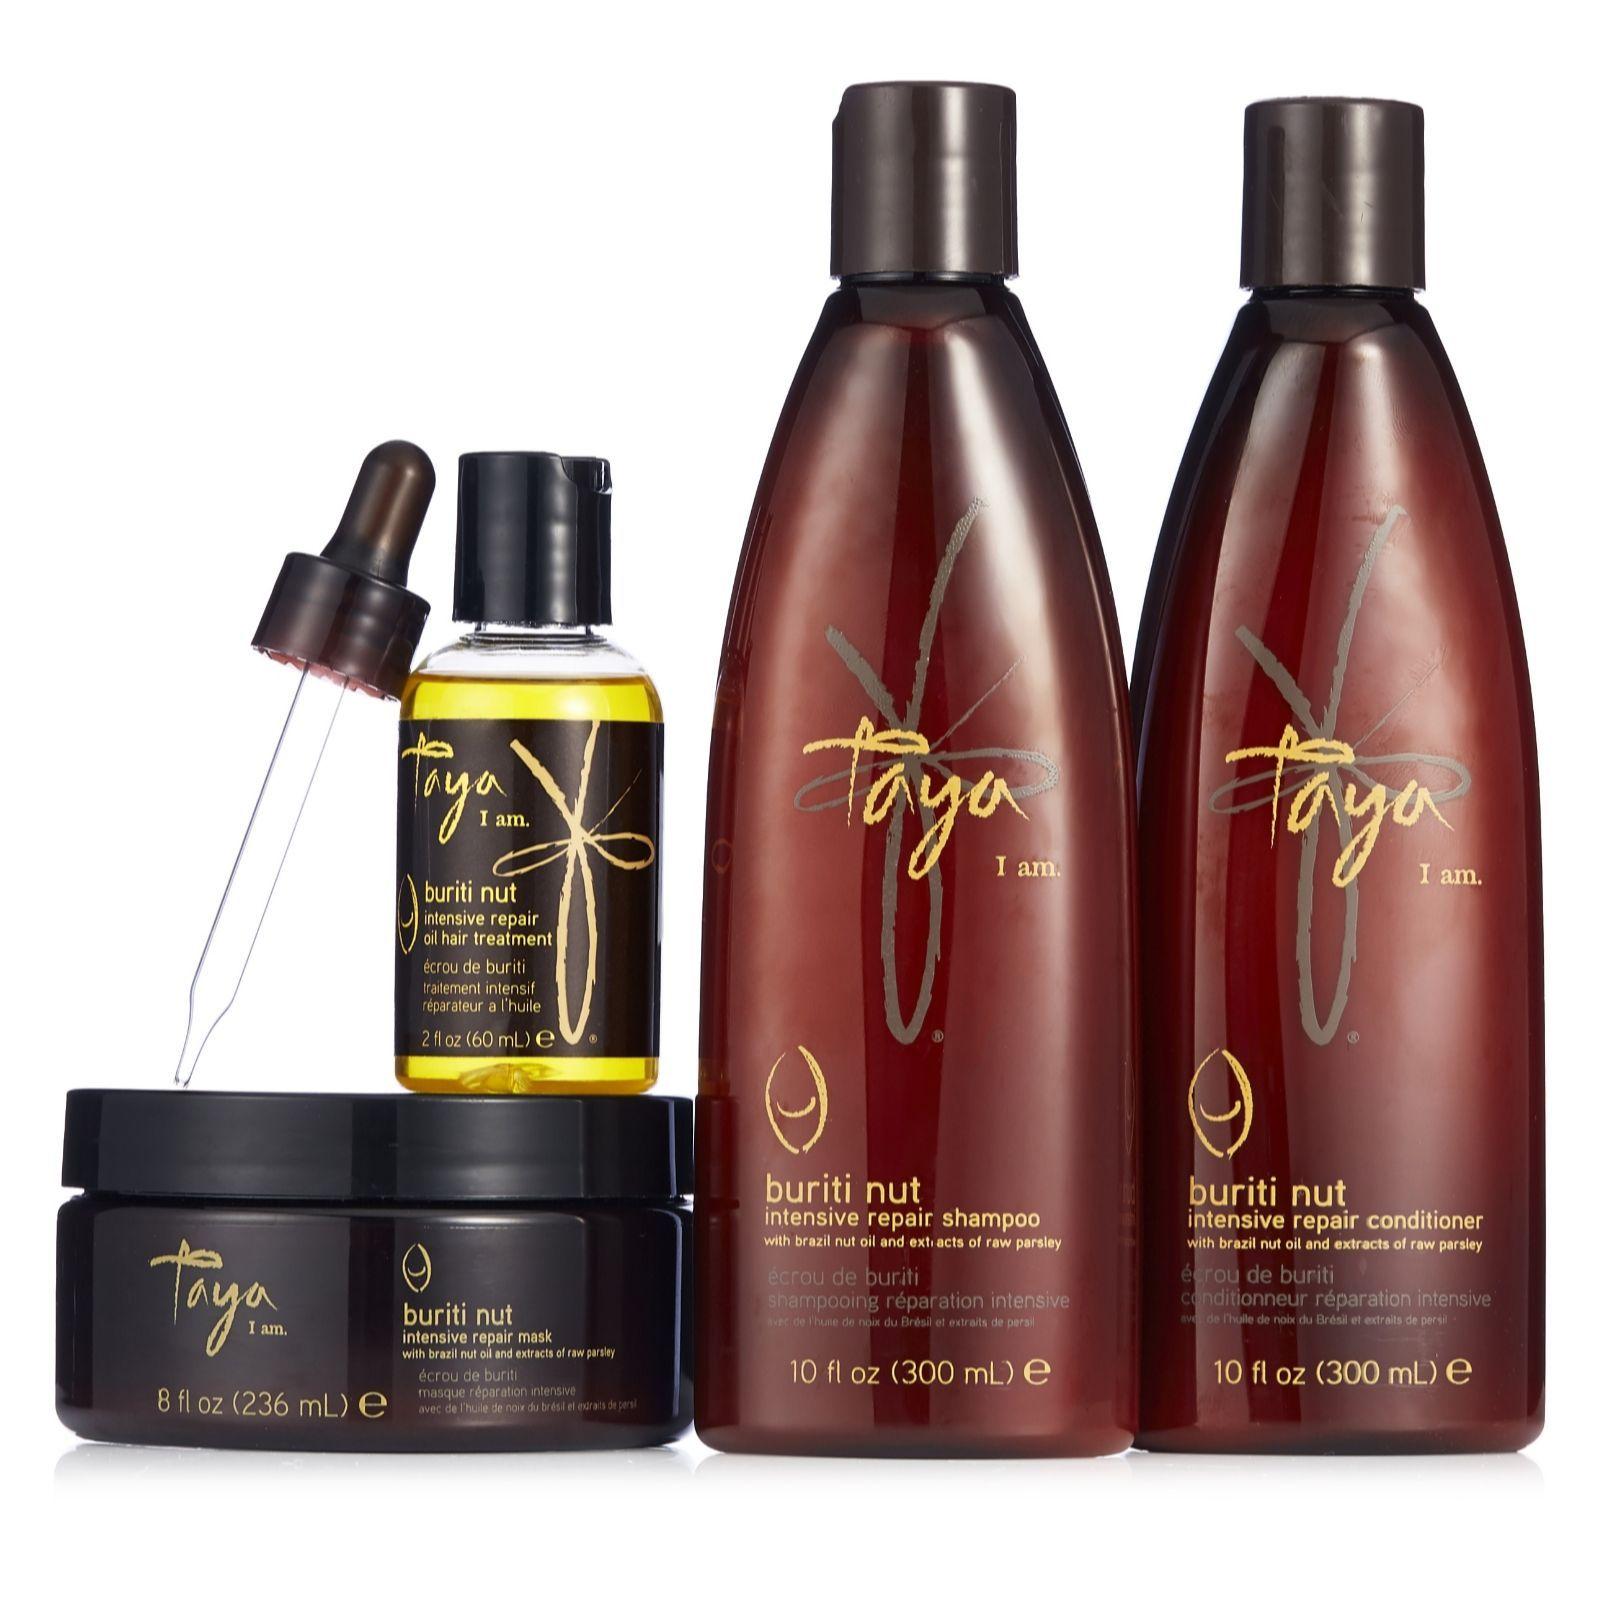 216285 Taya 4 Piece Buriti Nut Intensive Repair Hair